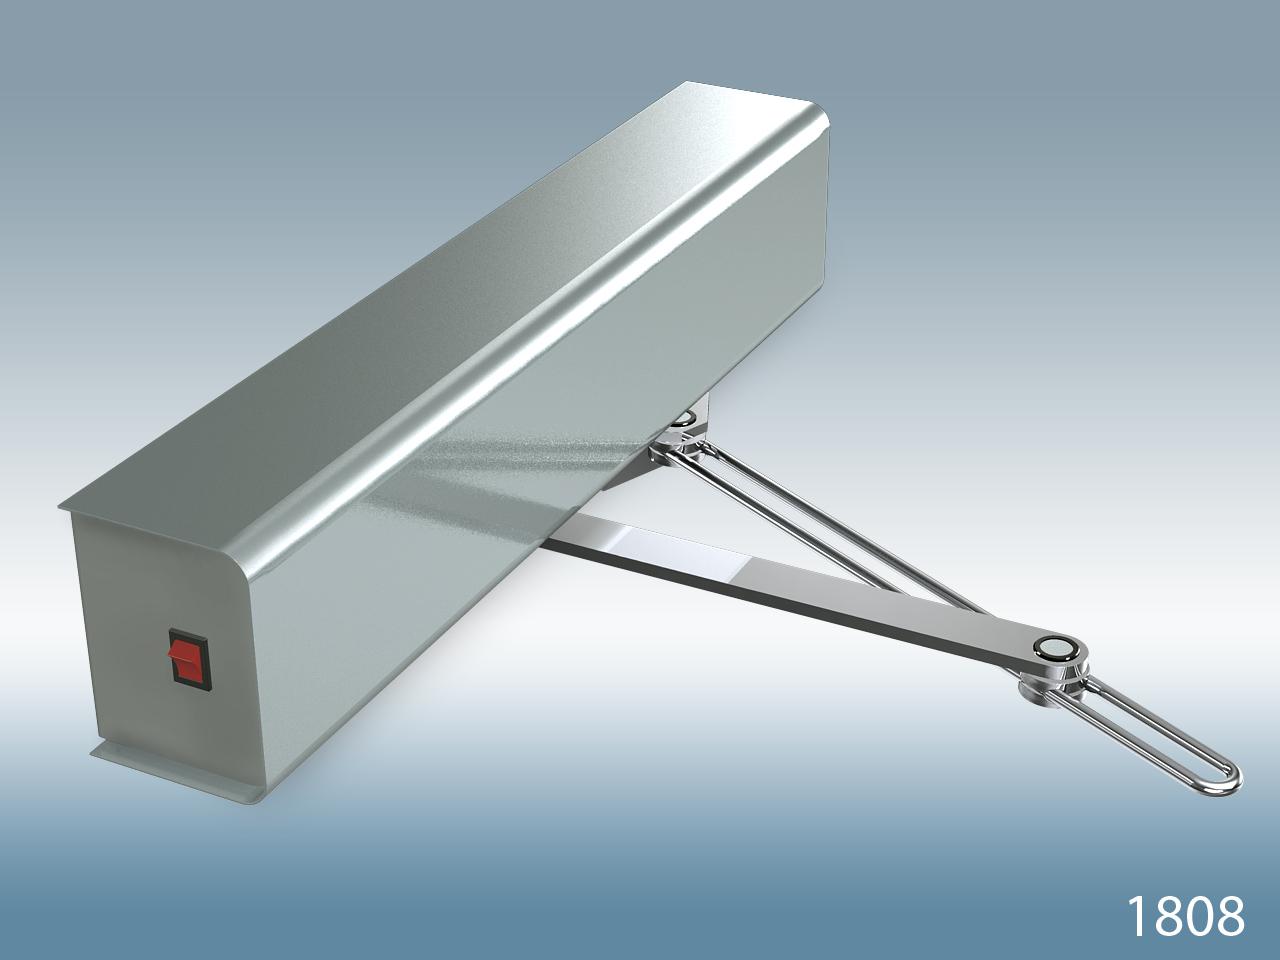 Delux swing door operator model 1808